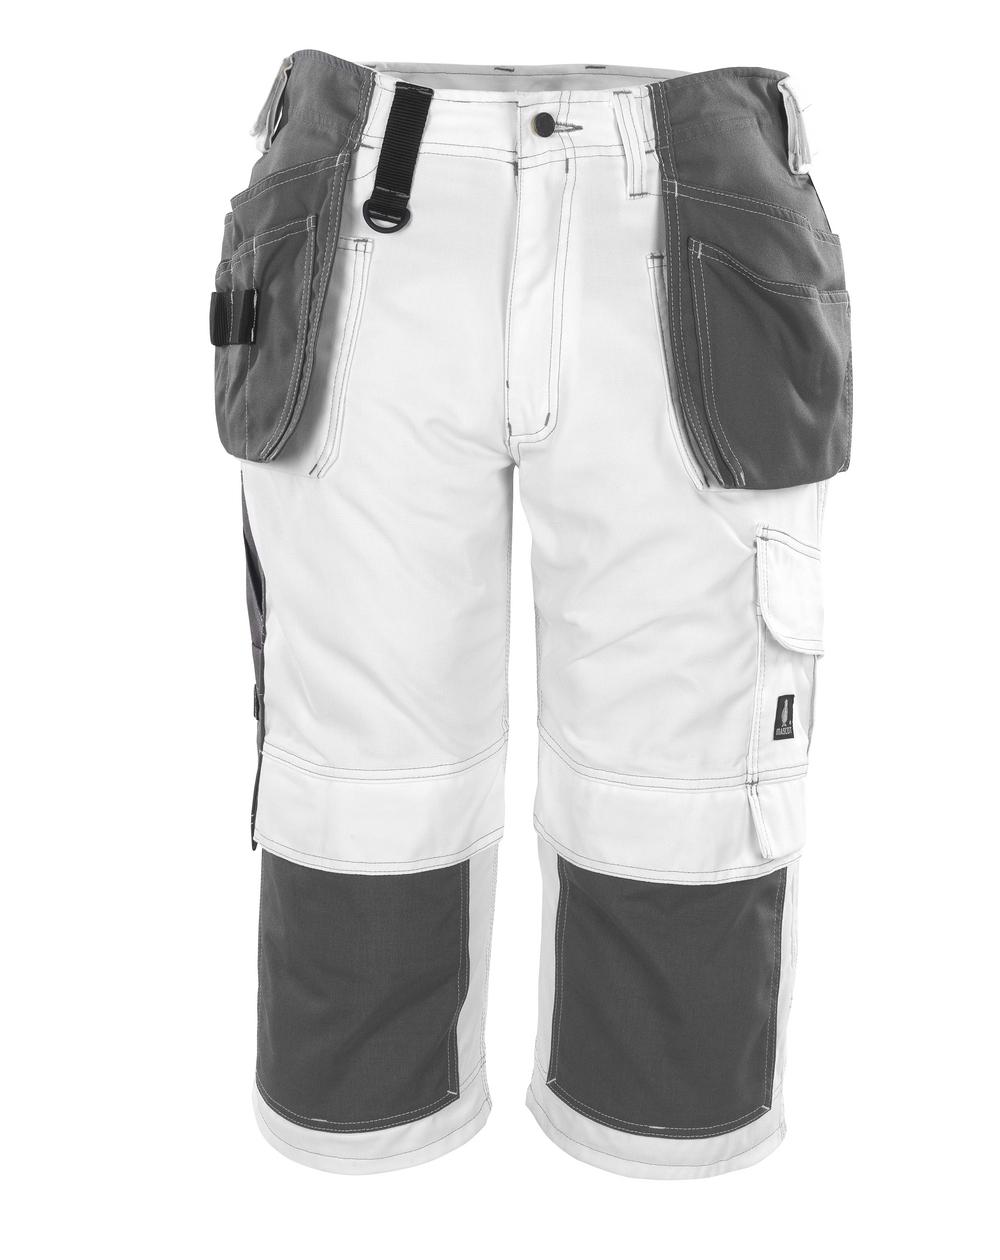 08349-154-06 ¾ Lunghezza Pantaloni con tasche porta-ginocchiere e tasche esterne - bianco